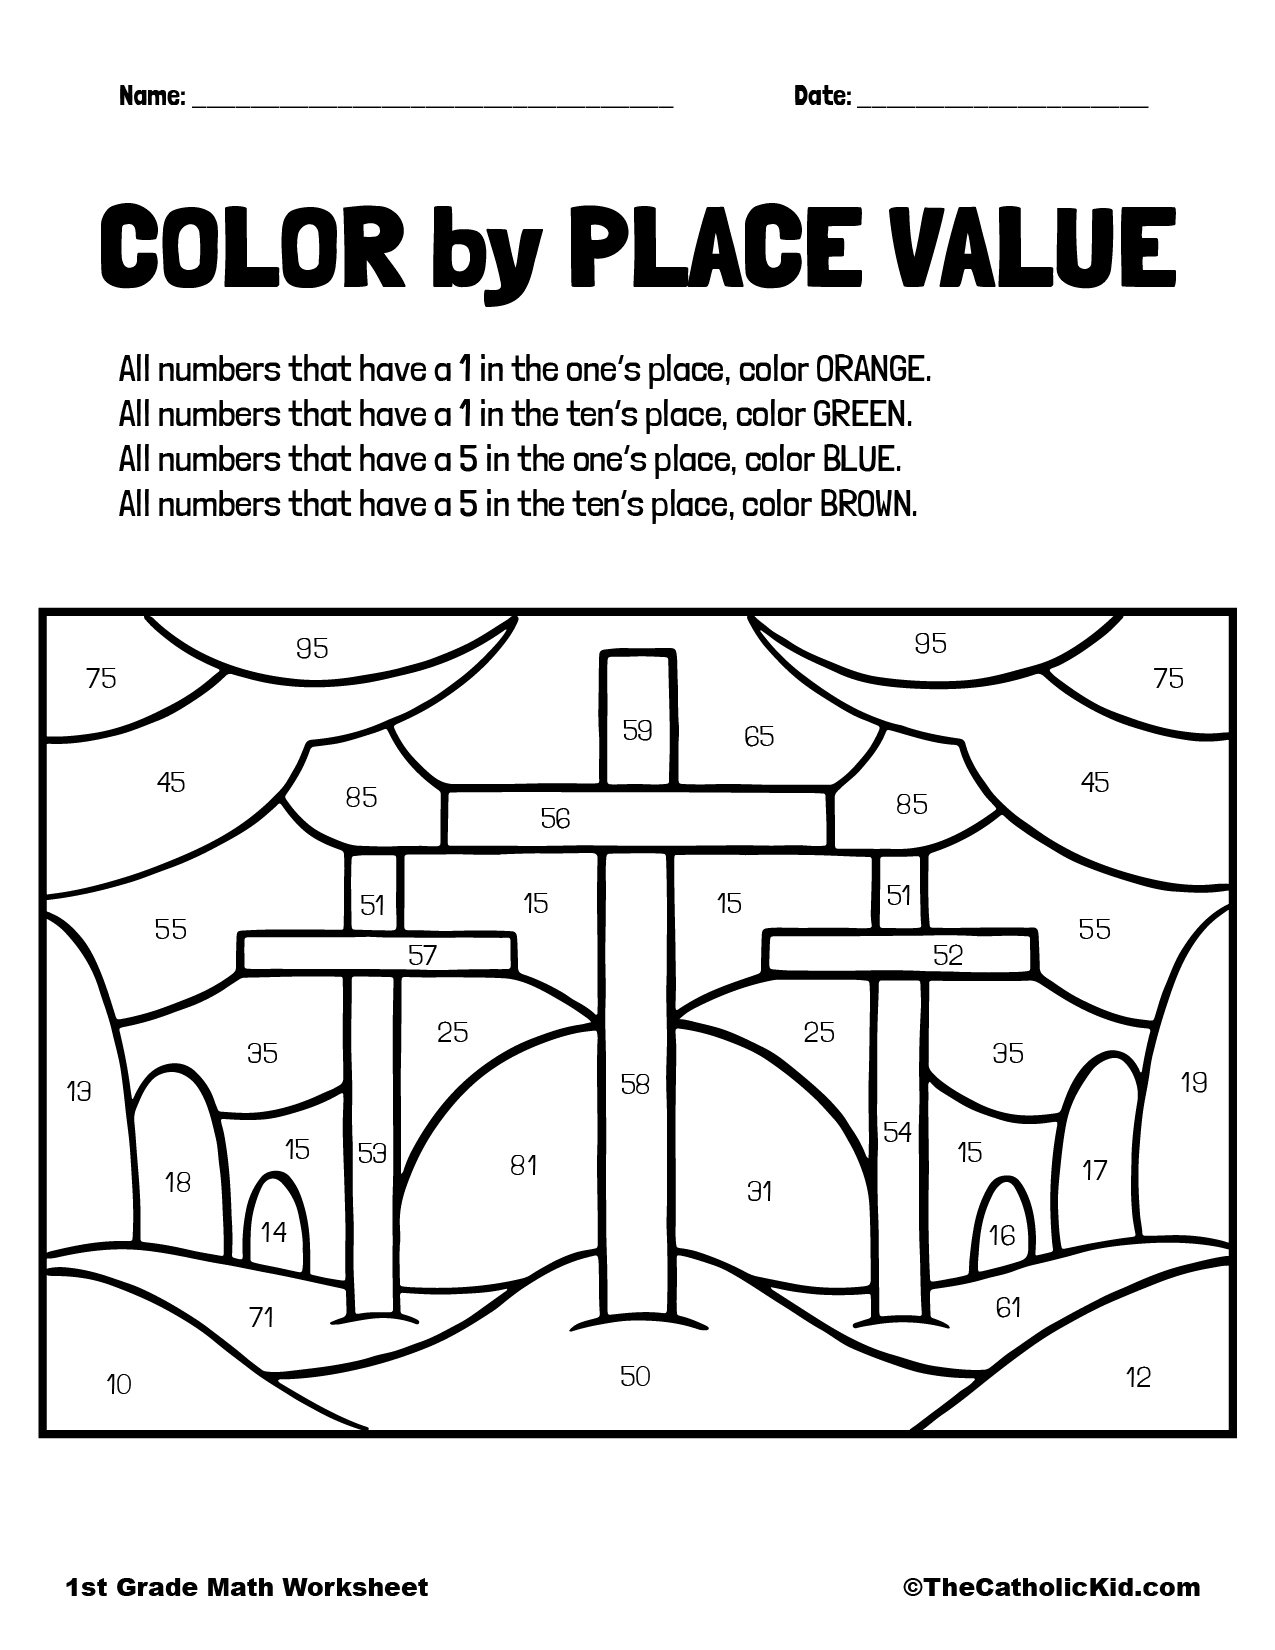 1st Grade Math Catholic Themed Worksheet Place Value